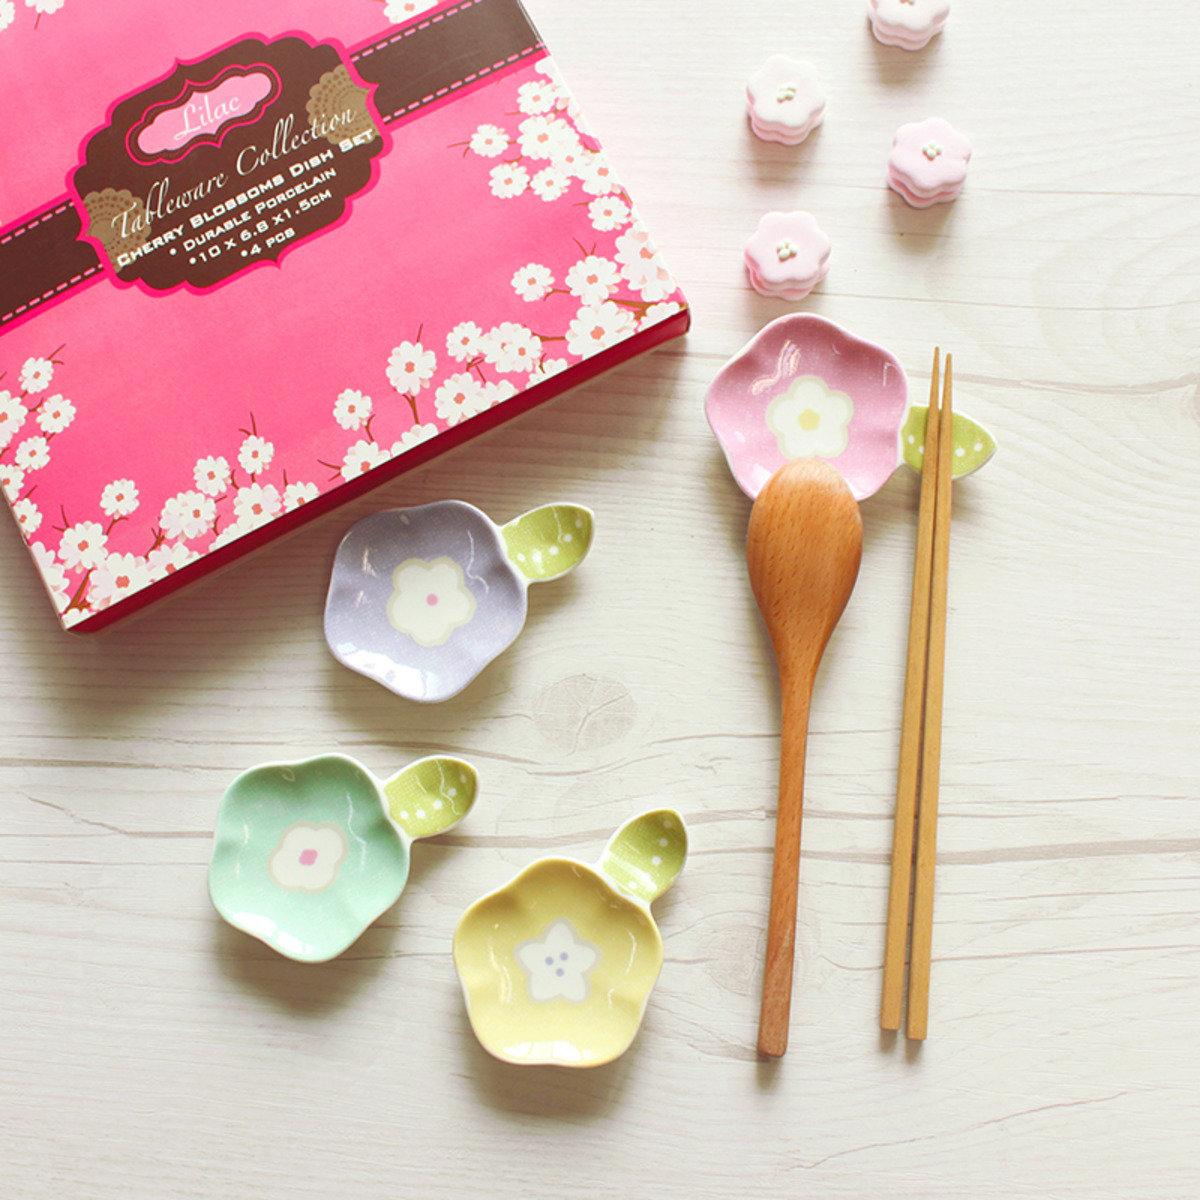 日式櫻花筷子碟套裝(一套共4色)